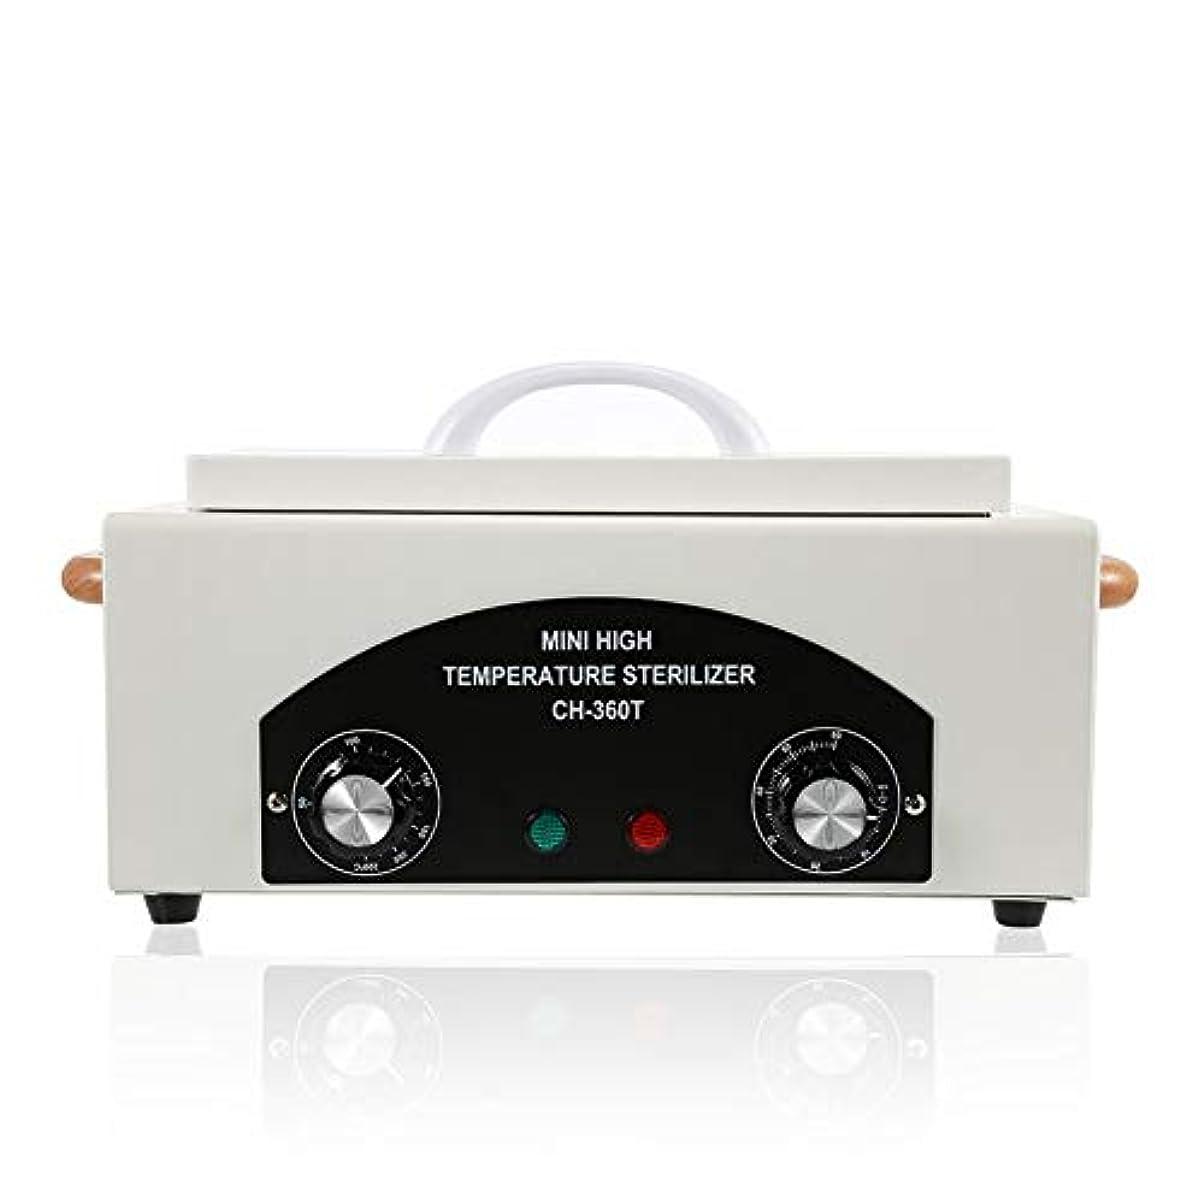 役割シルククールプロフェッショナル高温滅菌ボックスネイルアートサロンポータブル滅菌ツールマニキュアネイルツール乾熱滅菌器